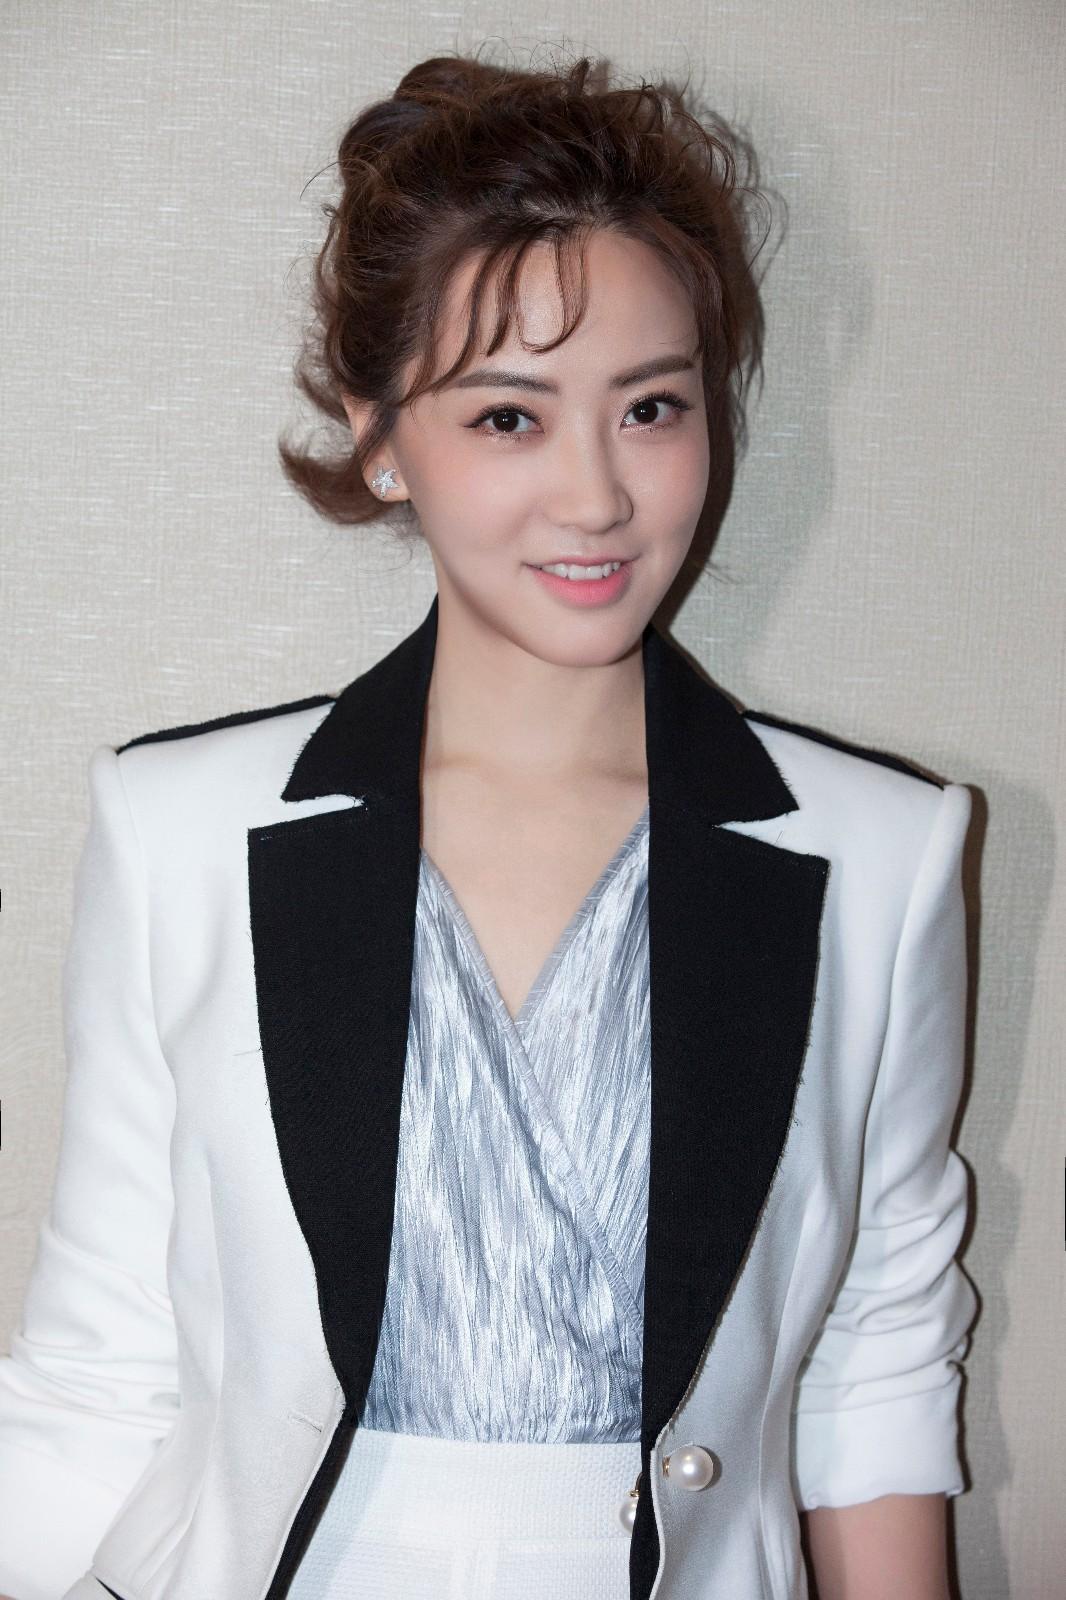 刘珈彤现身《极客江湖》发布会 携手景甜为职场女性发声